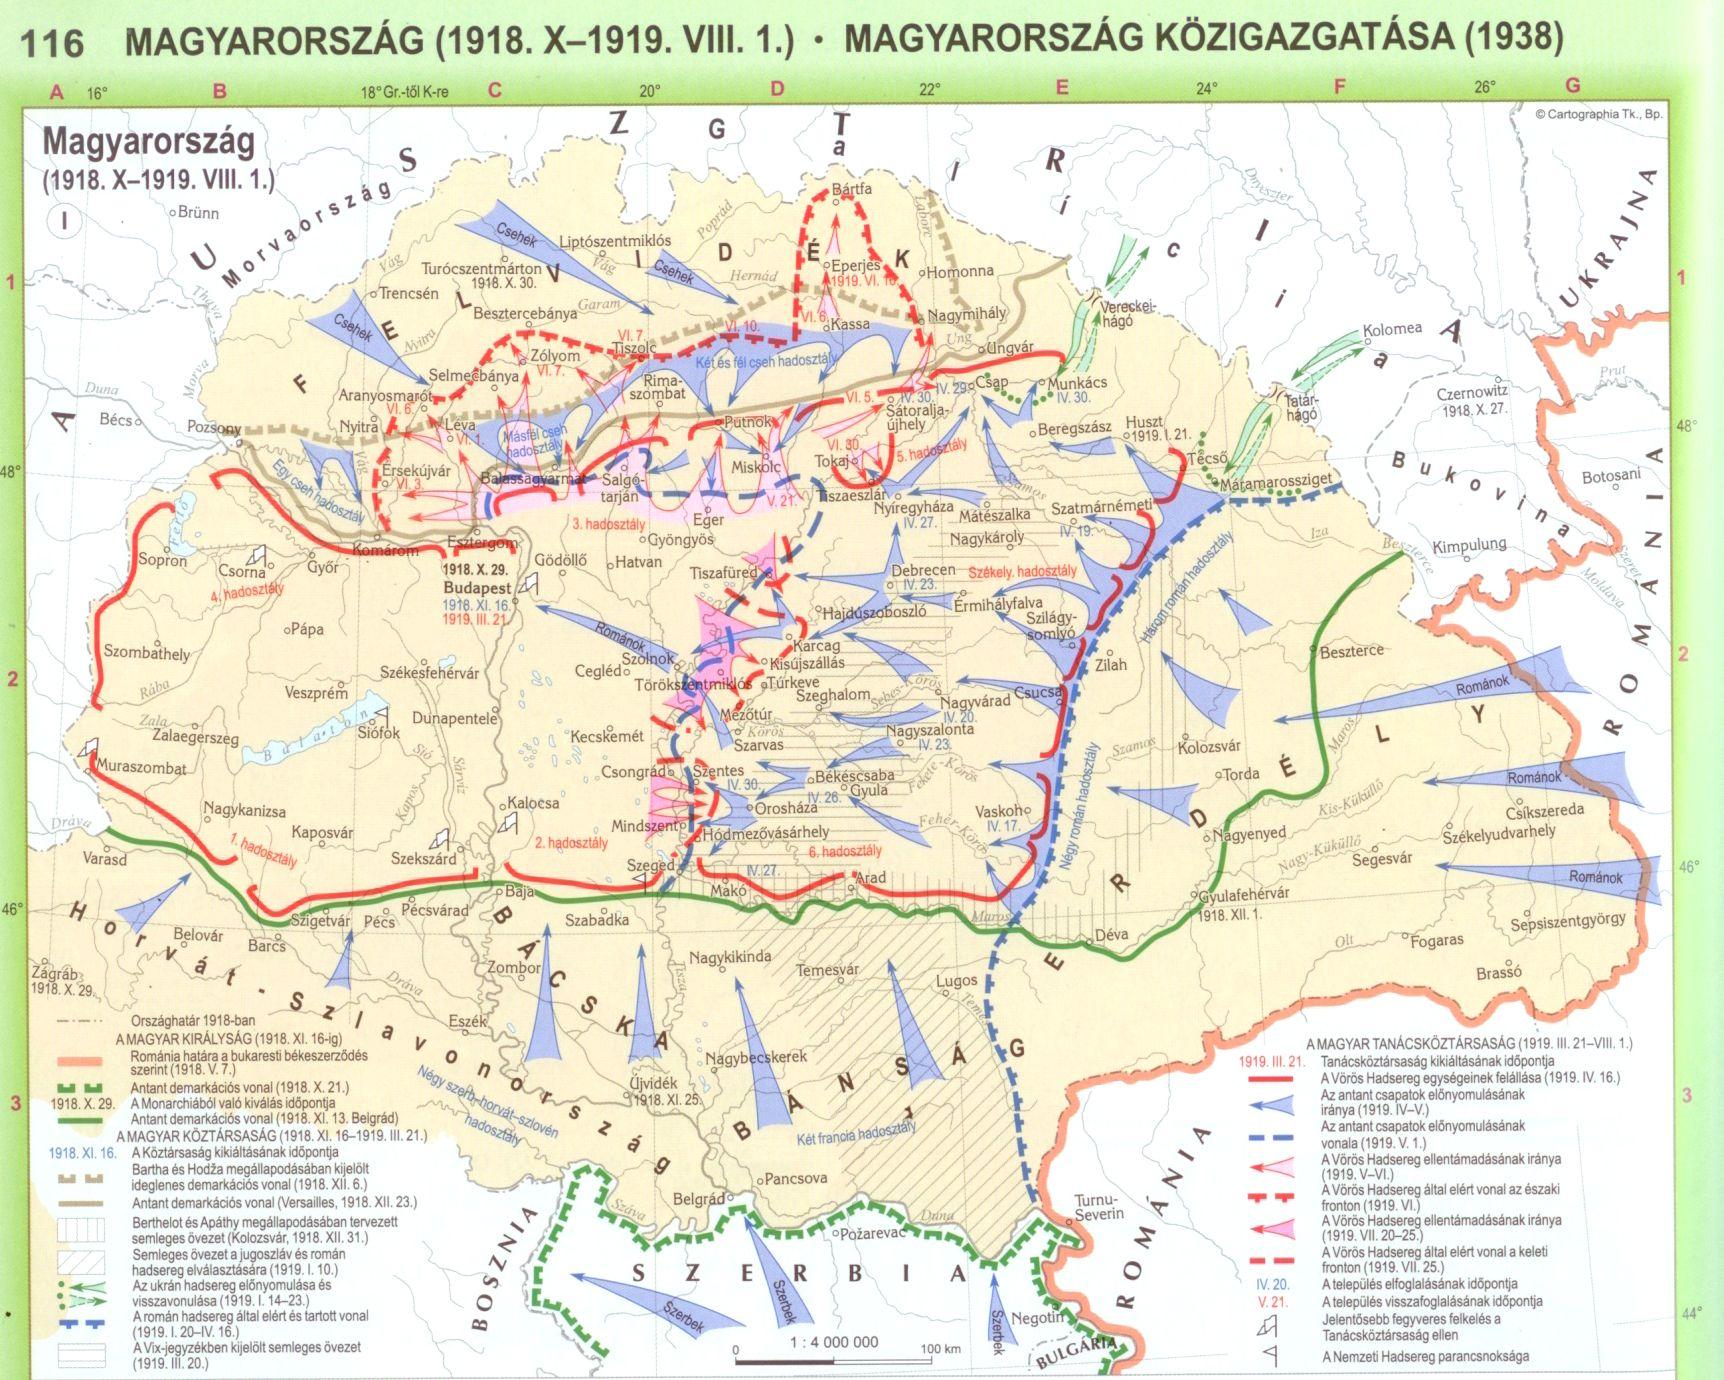 Történelmi Világatlasz mintalap (116. o.)